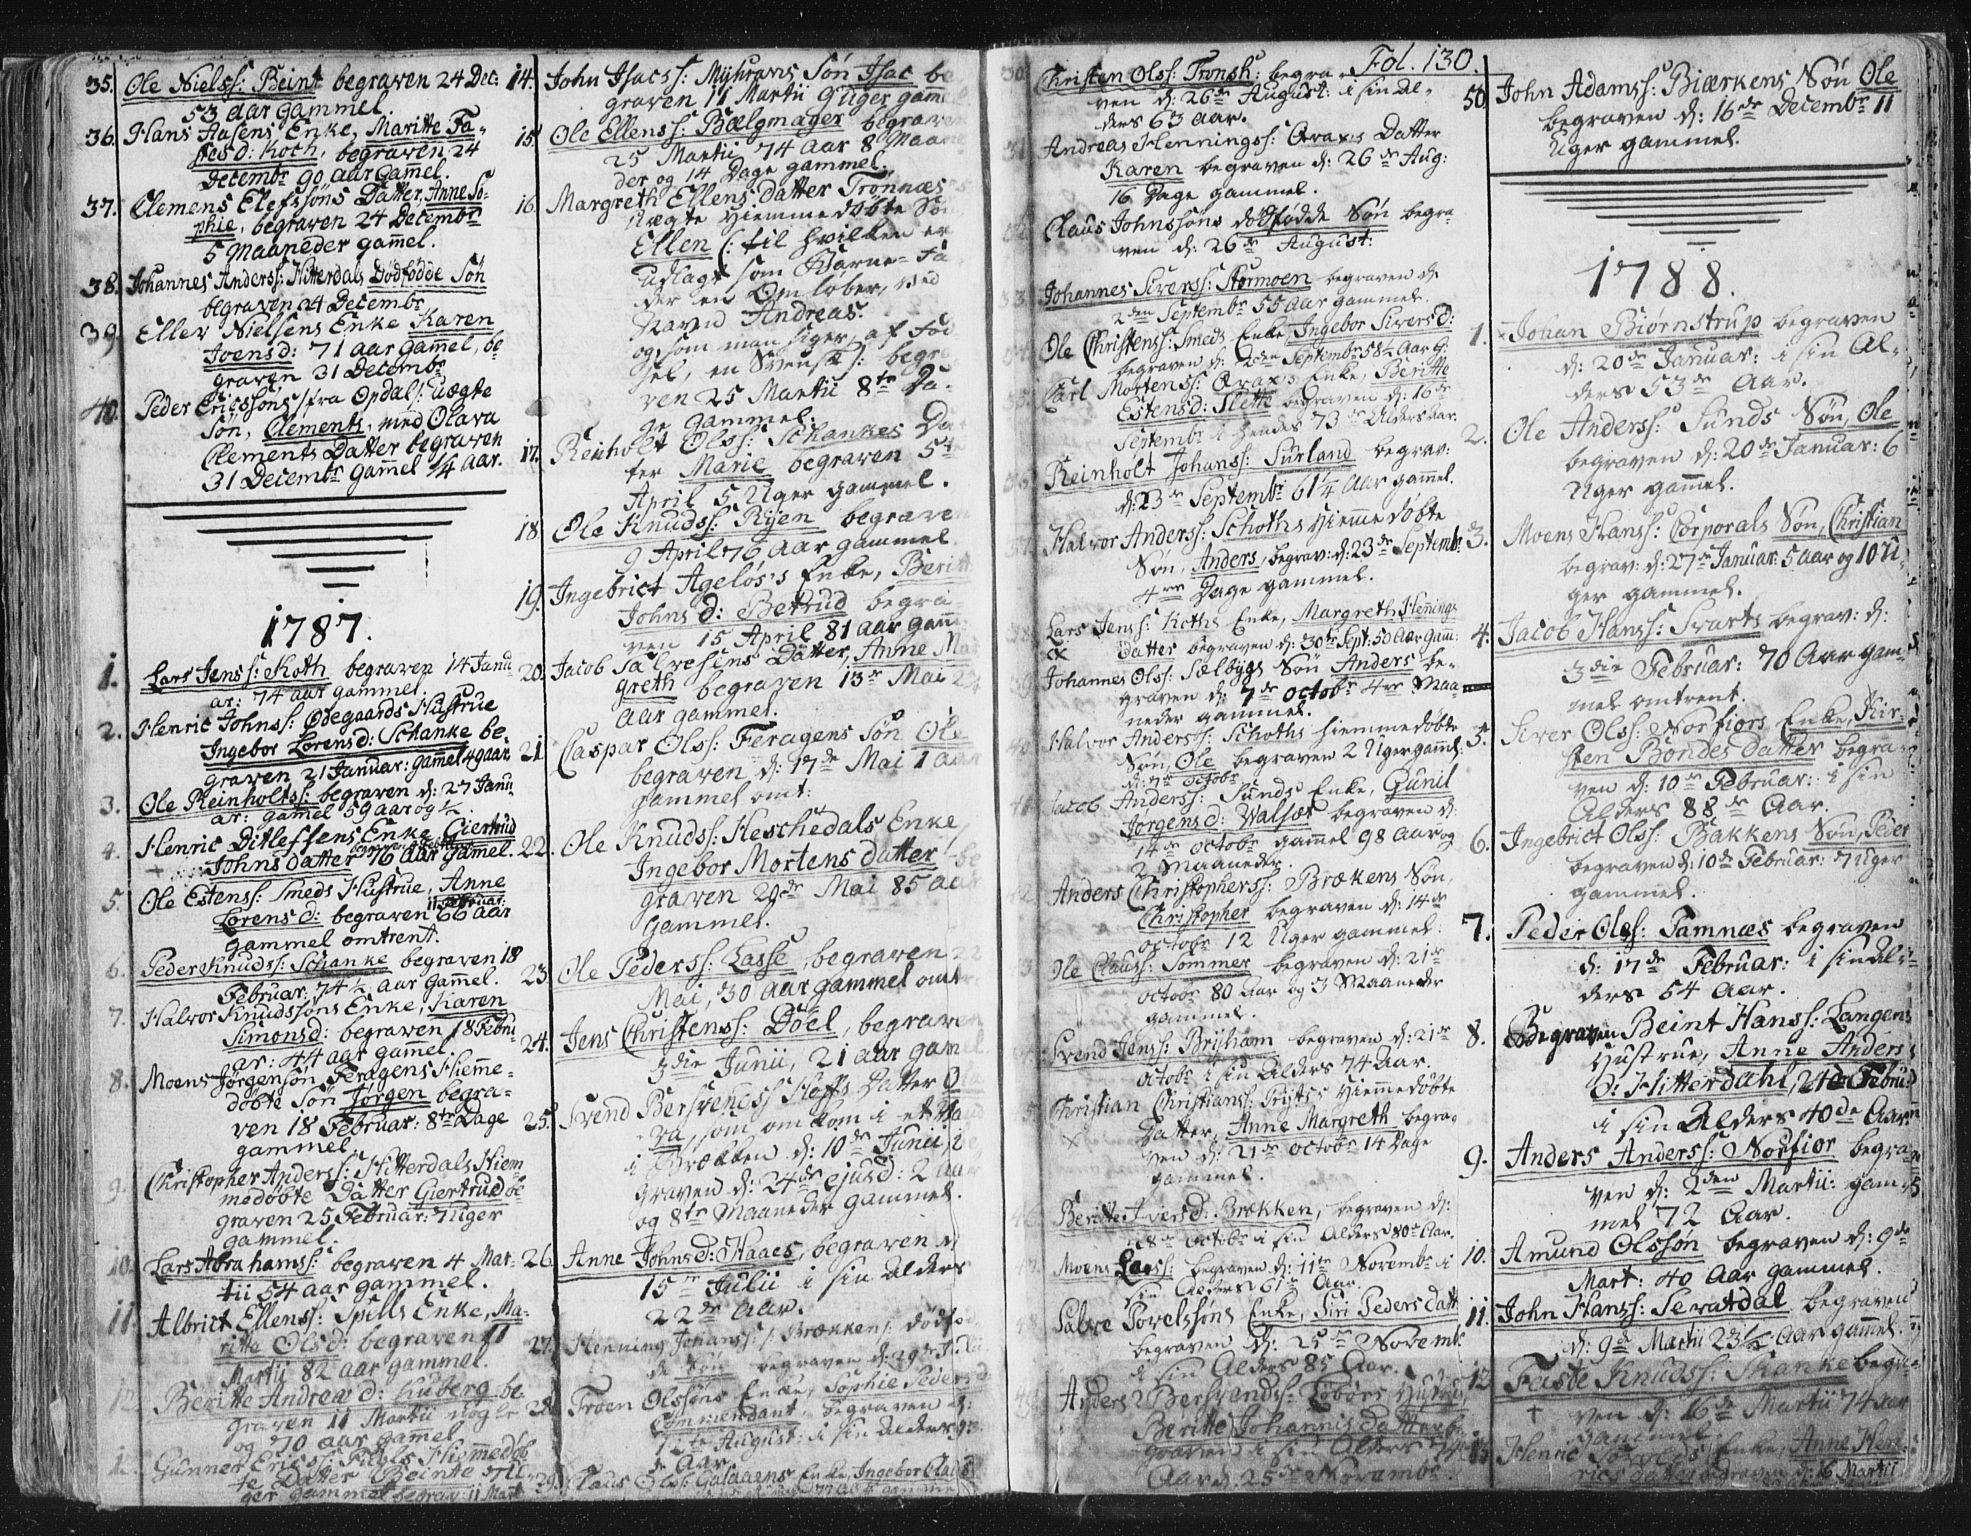 SAT, Ministerialprotokoller, klokkerbøker og fødselsregistre - Sør-Trøndelag, 681/L0926: Ministerialbok nr. 681A04, 1767-1797, s. 130